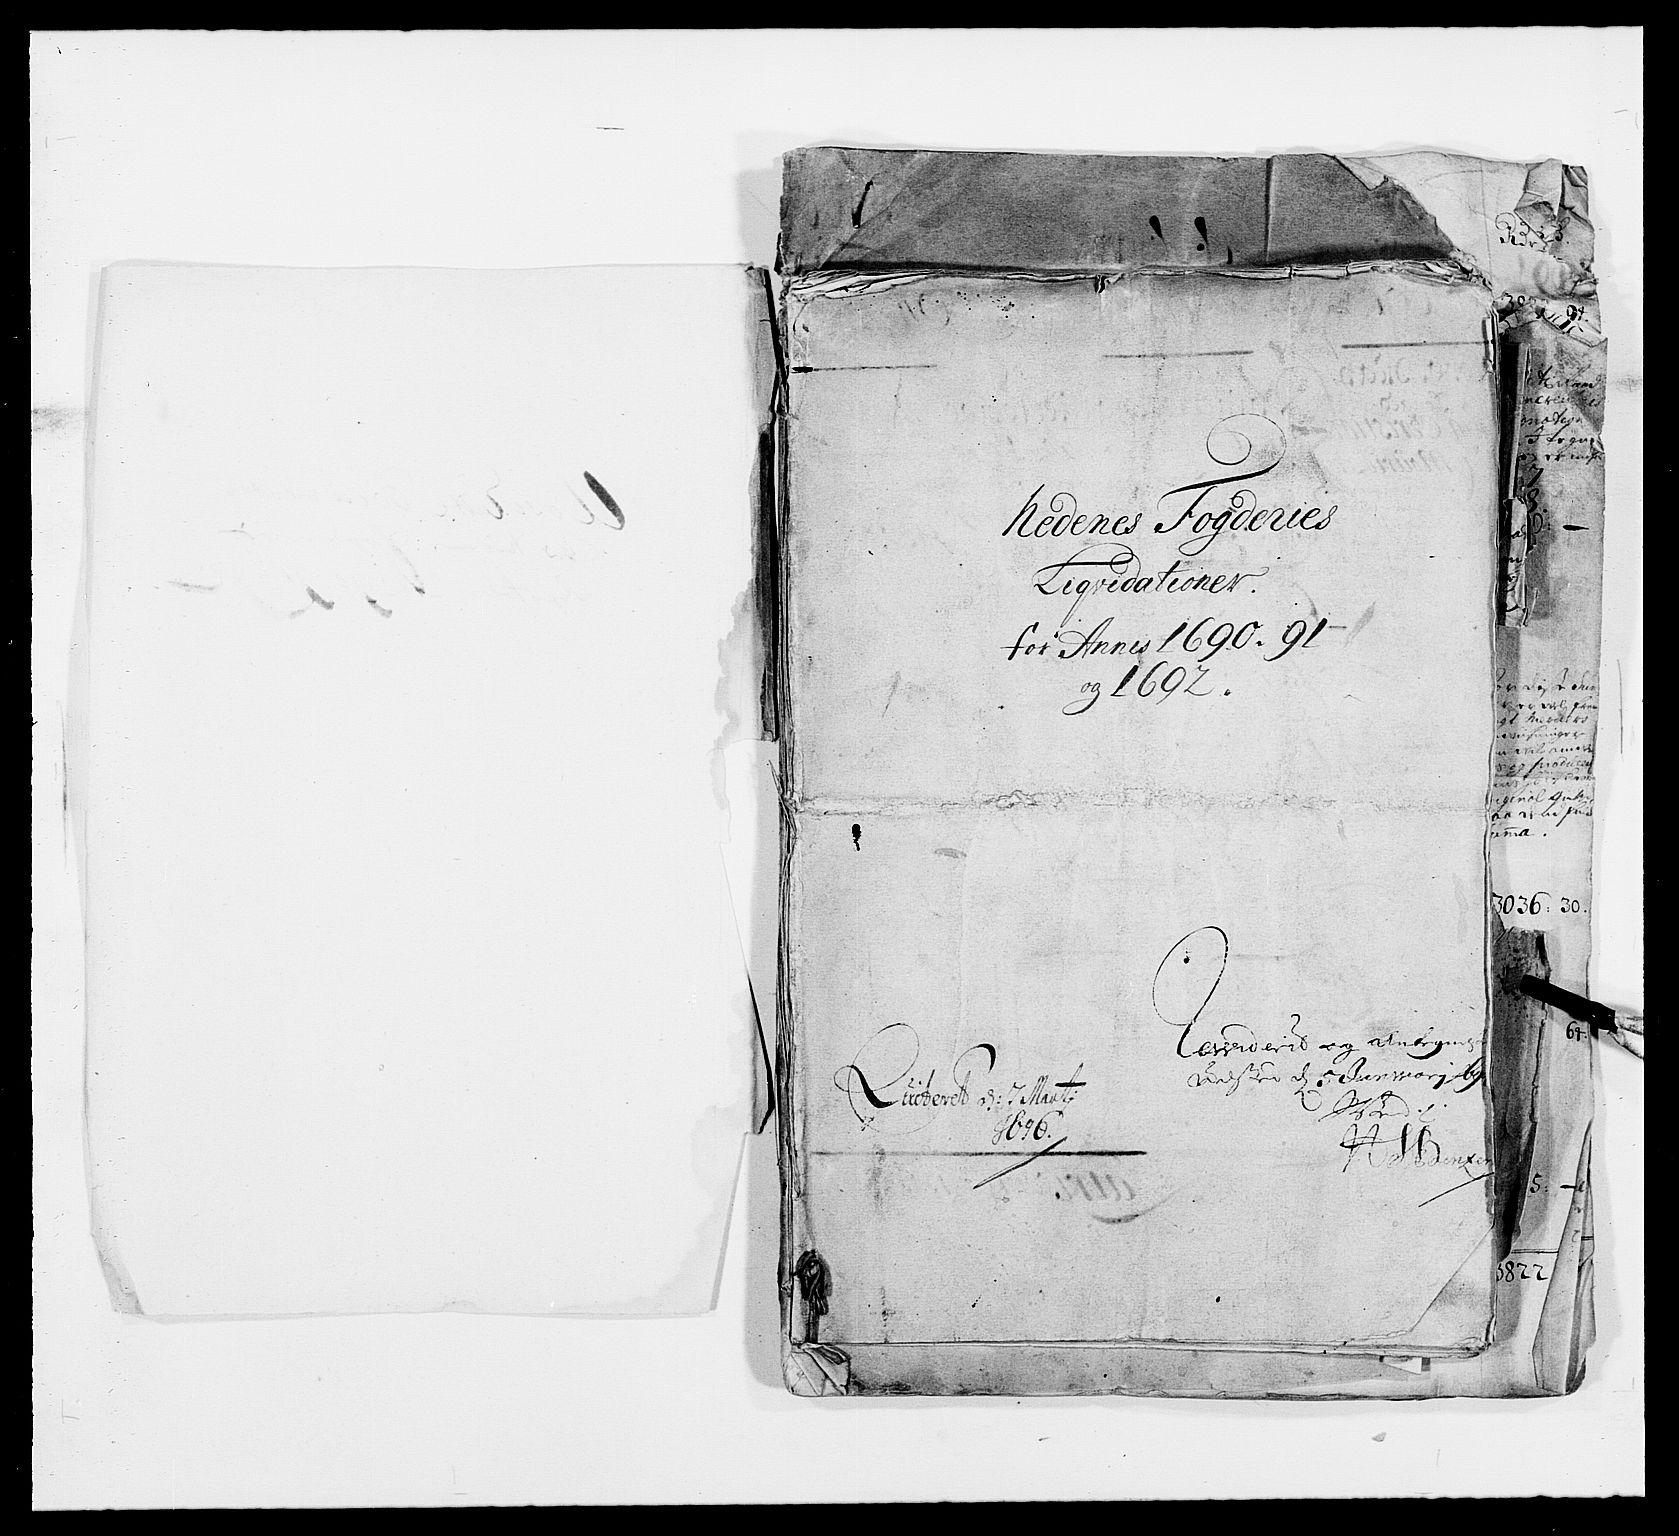 RA, Rentekammeret inntil 1814, Reviderte regnskaper, Fogderegnskap, R39/L2310: Fogderegnskap Nedenes, 1690-1692, s. 3